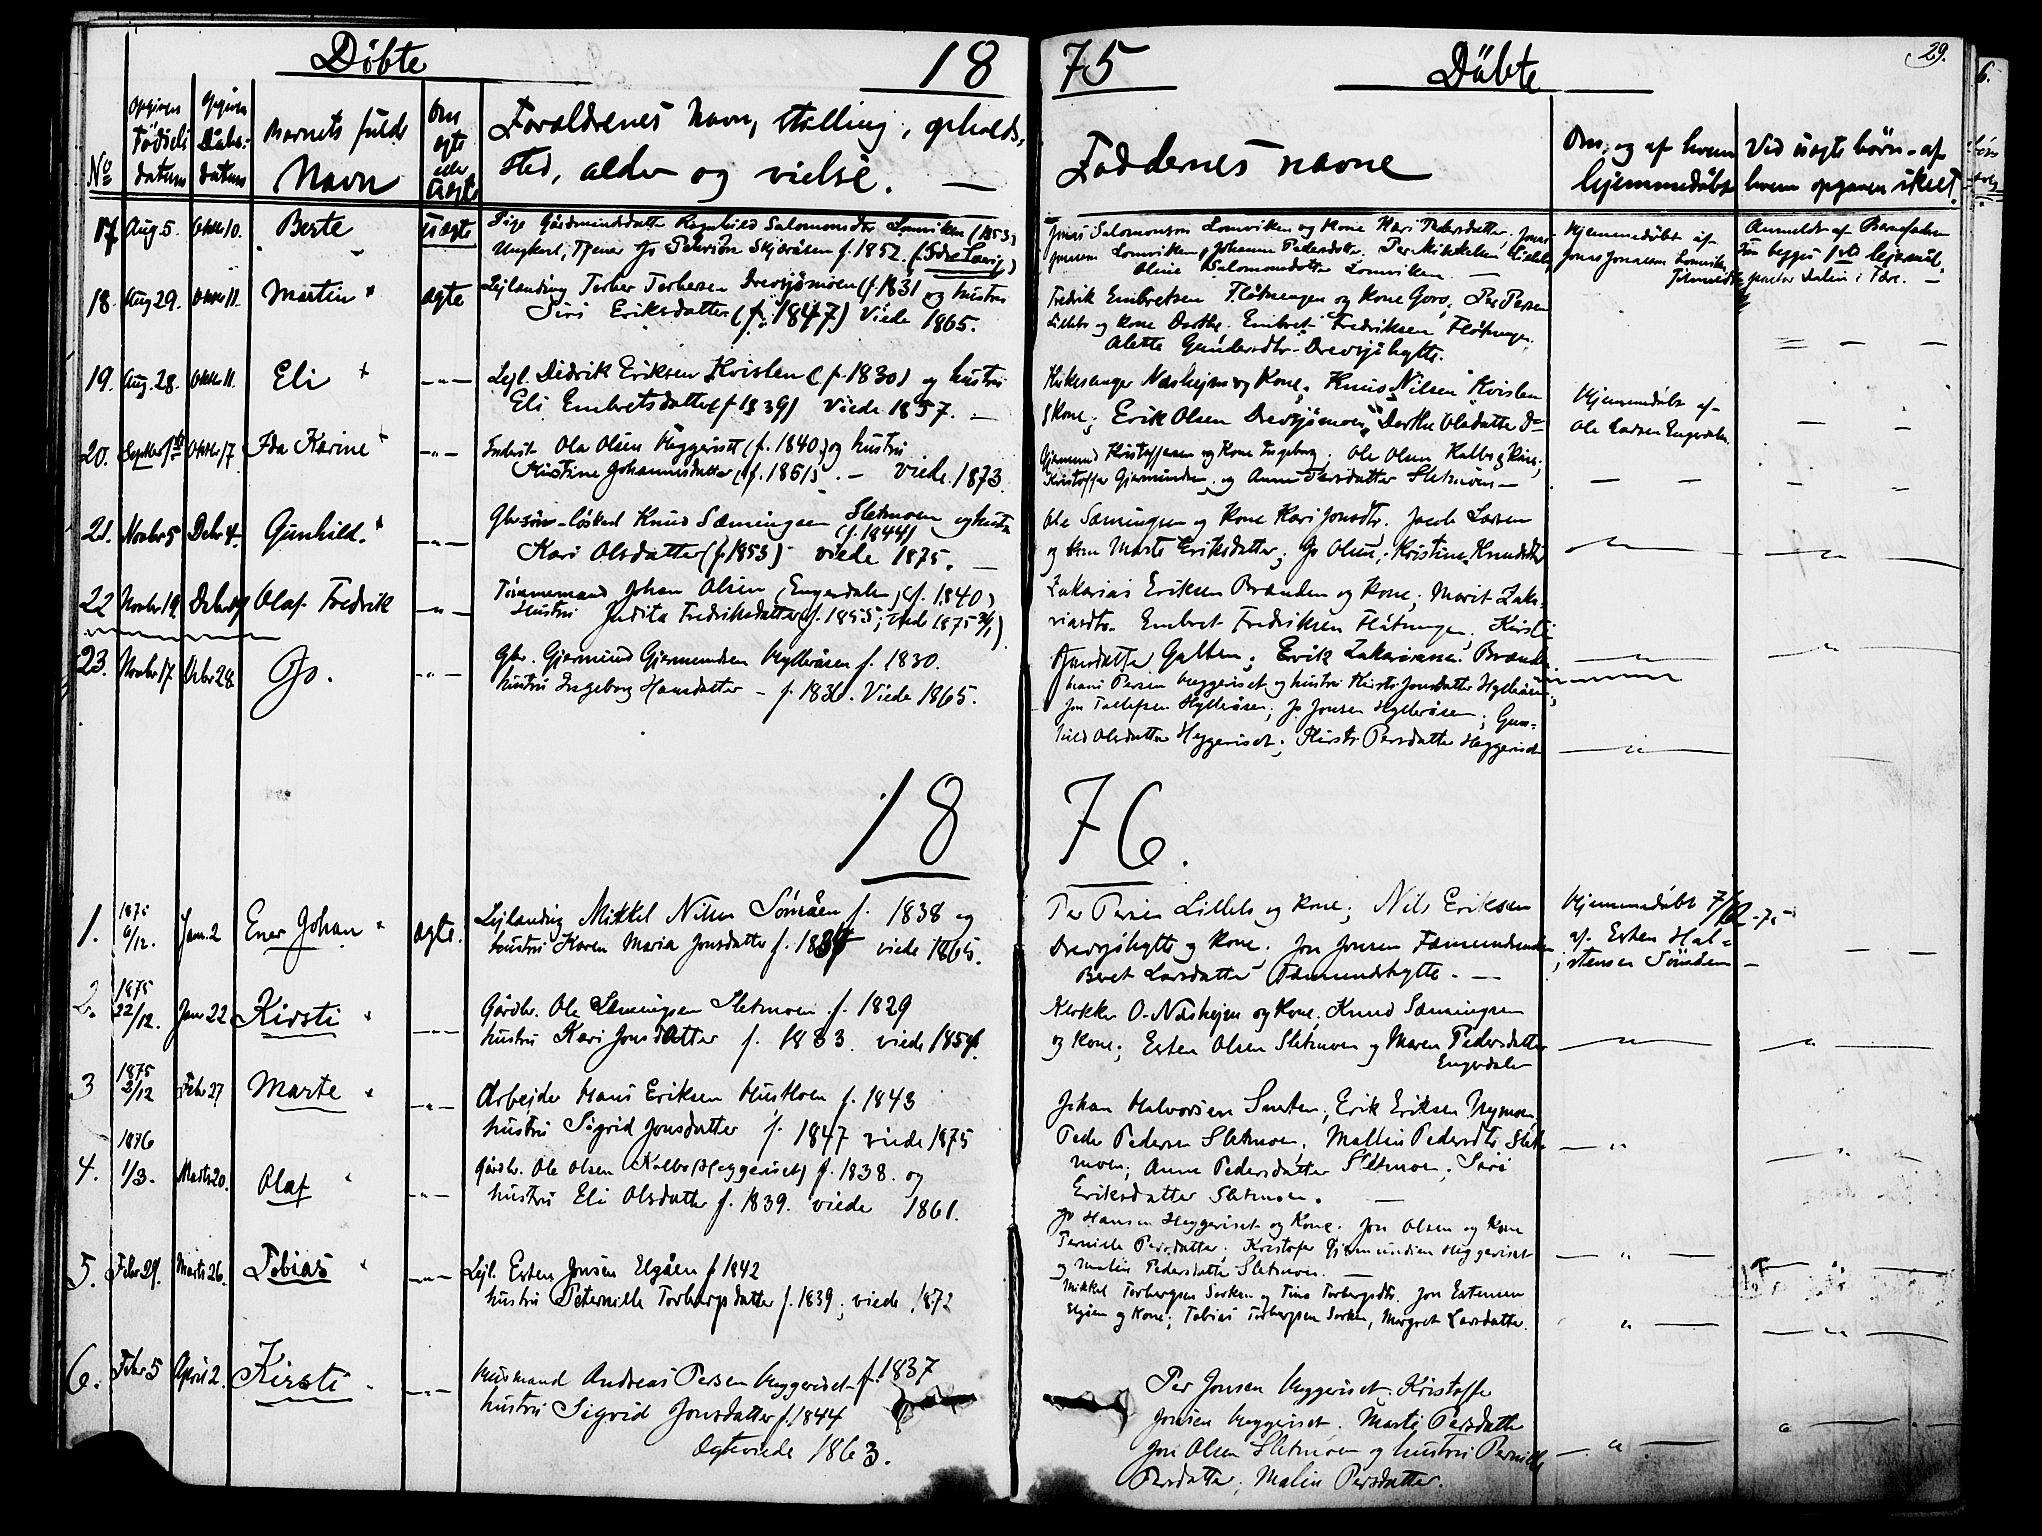 SAH, Rendalen prestekontor, H/Ha/Hab/L0002: Klokkerbok nr. 2, 1858-1880, s. 29